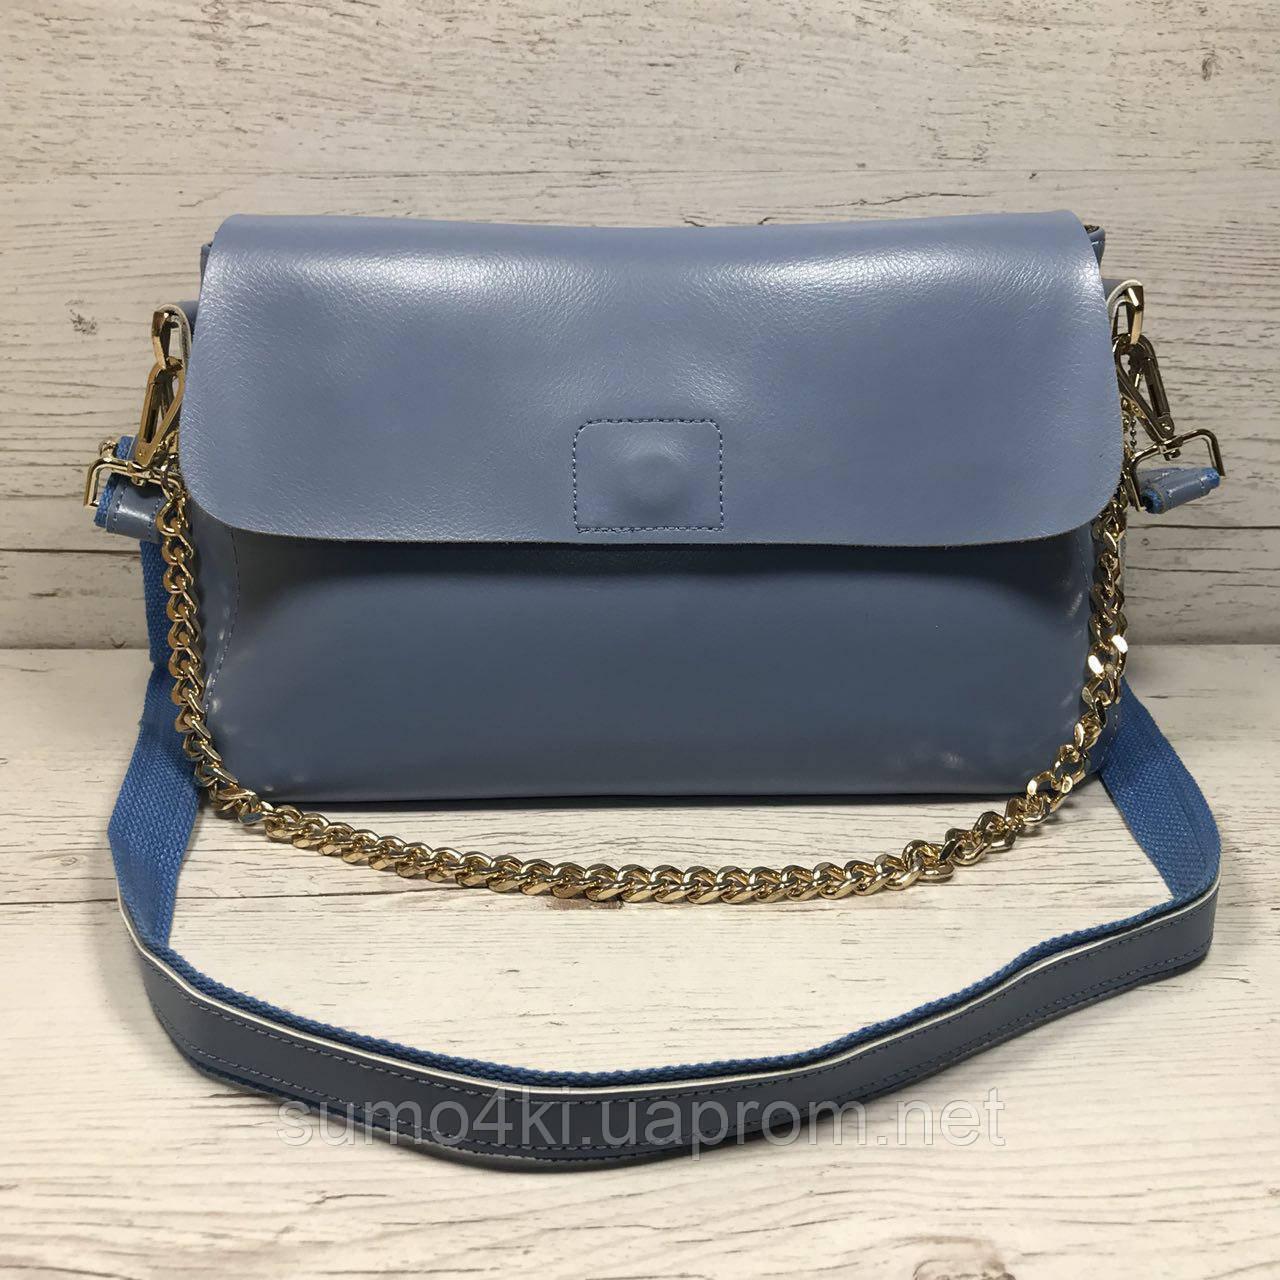 6bb307799fc4 Купить Женскую кожаную сумку оптом и в розницу в Одессе интернет ...